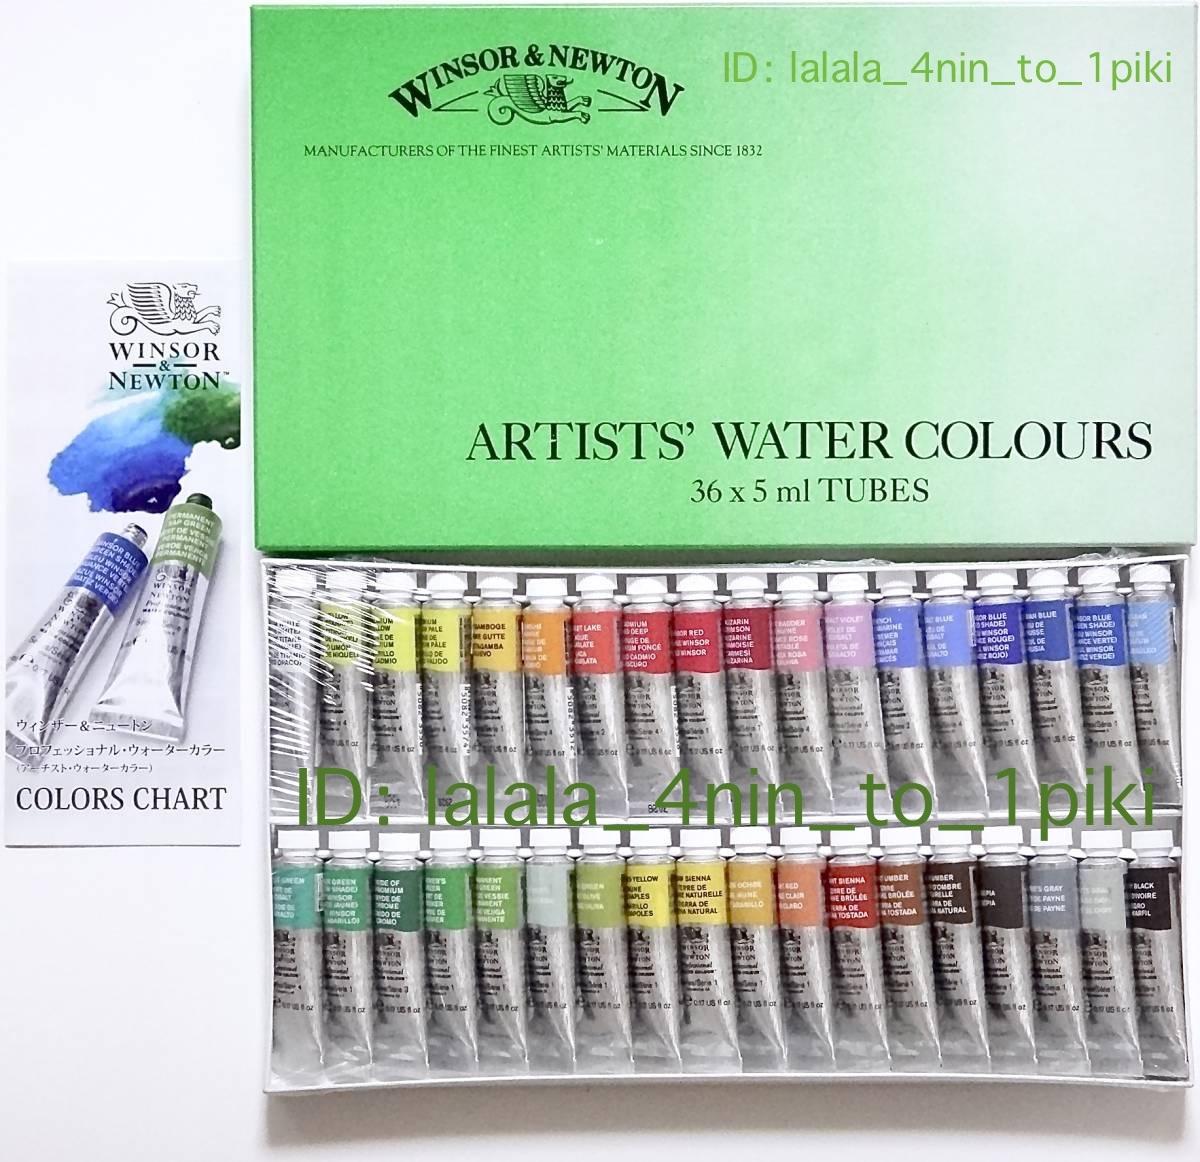 水彩絵具の最高峰!プロ向けの英国製品です